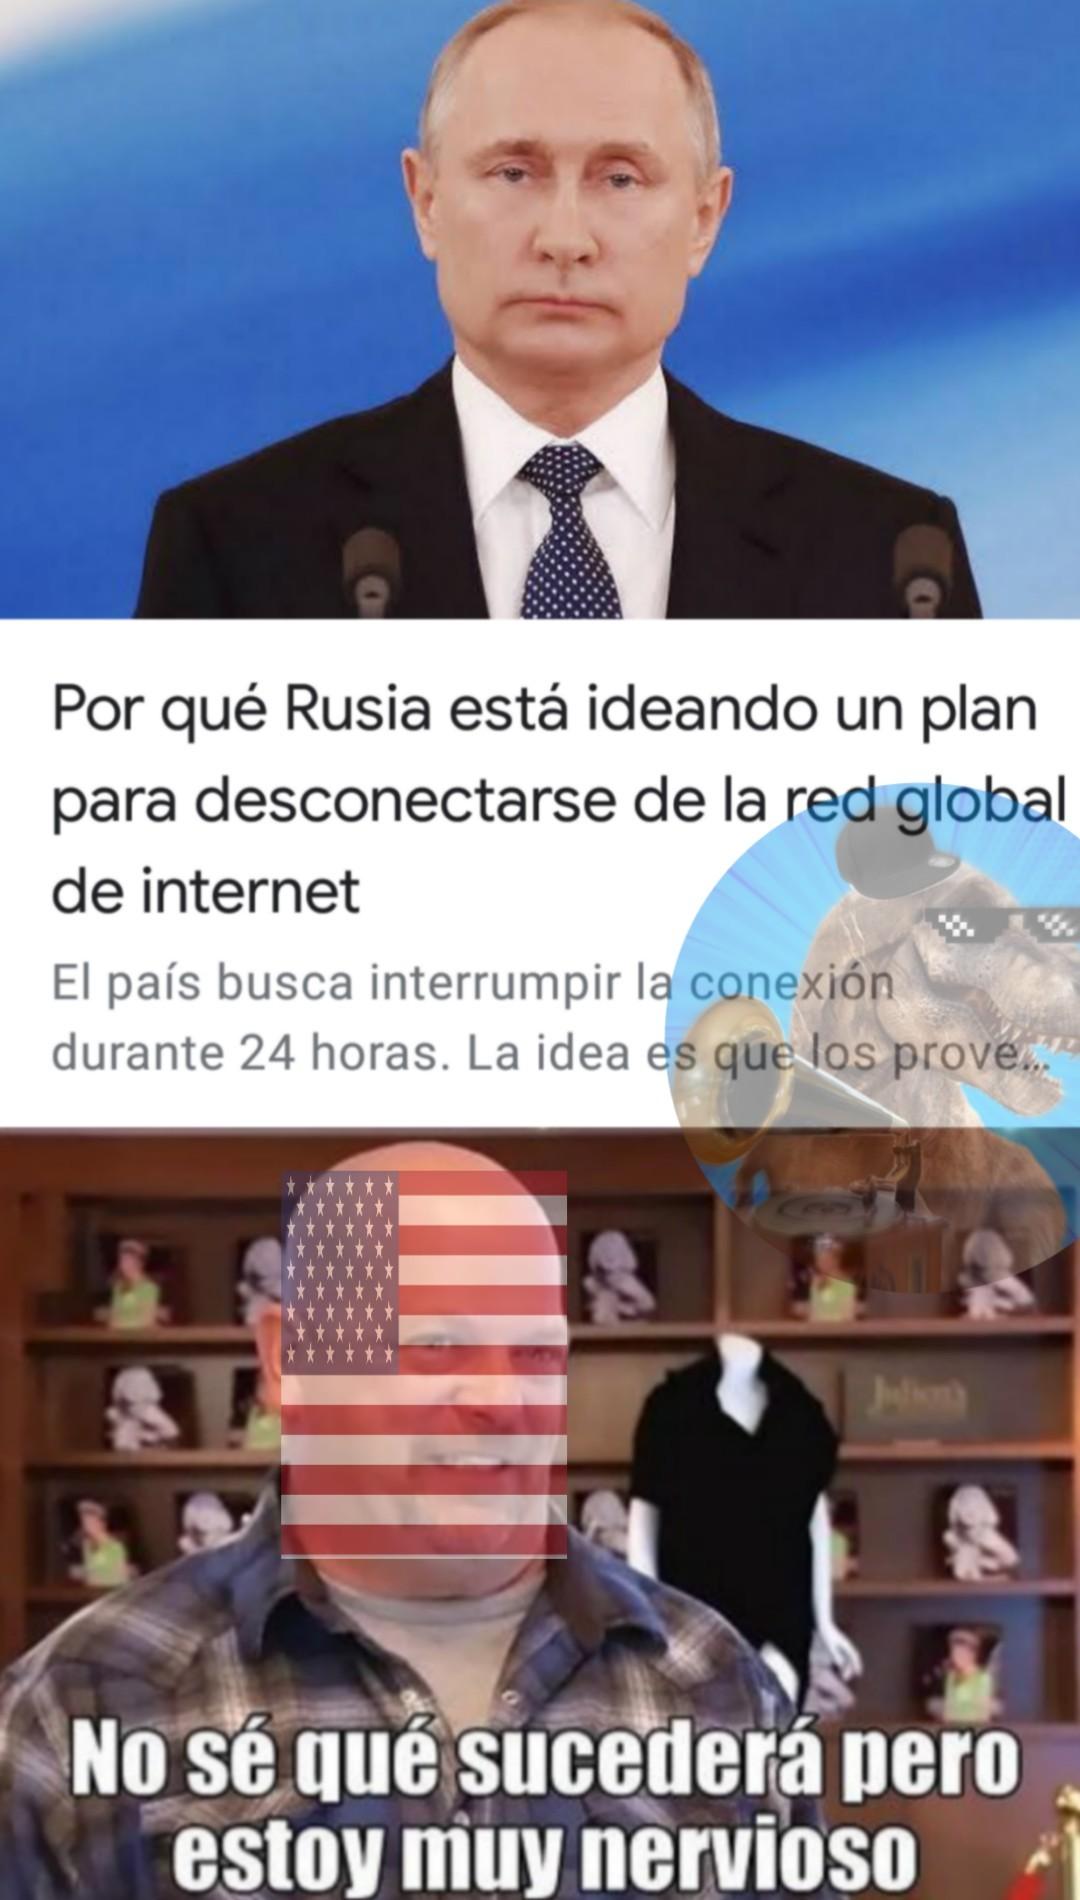 El comunismo resurge - meme